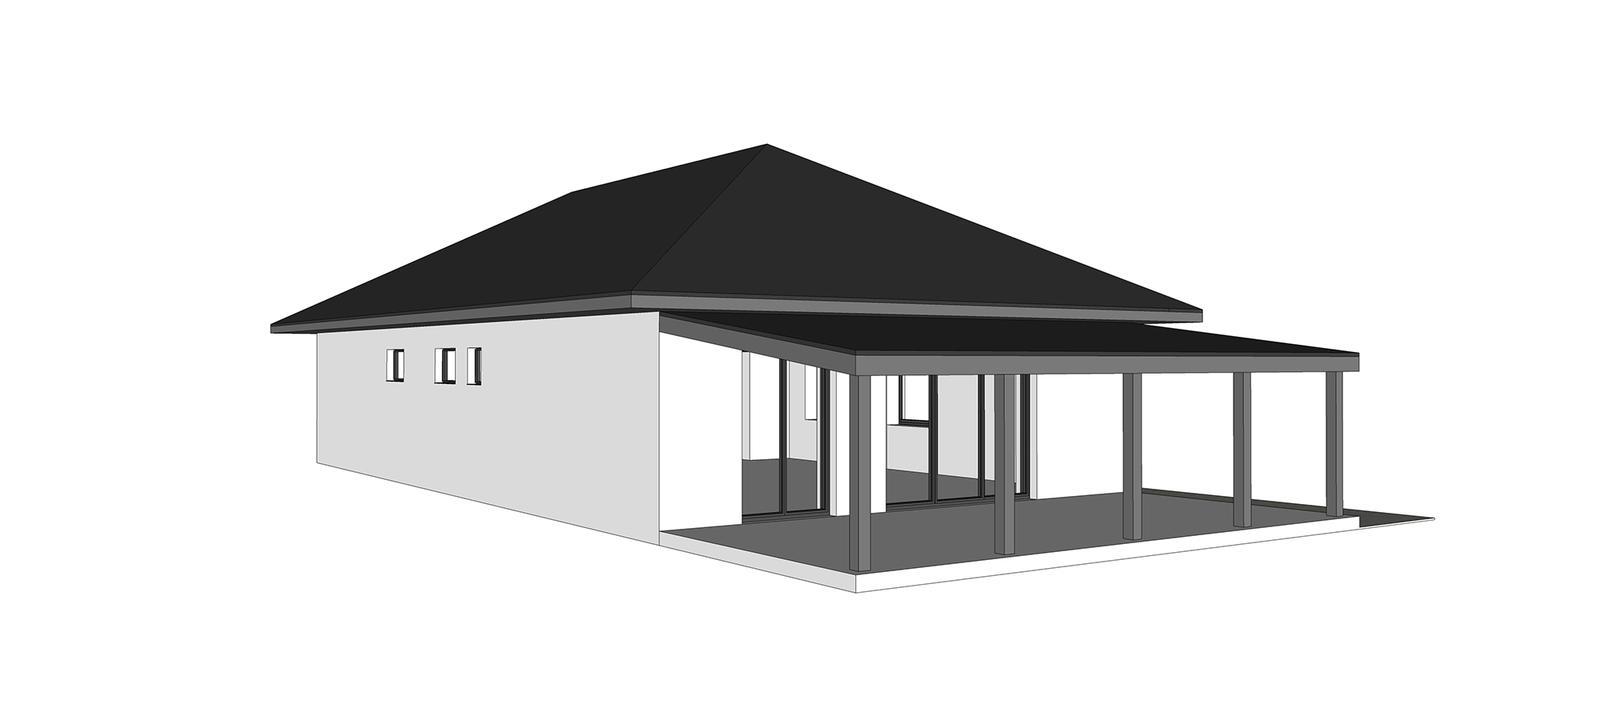 Nový bungalov a výber tvaru strechy + terasa - Obrázok č. 3